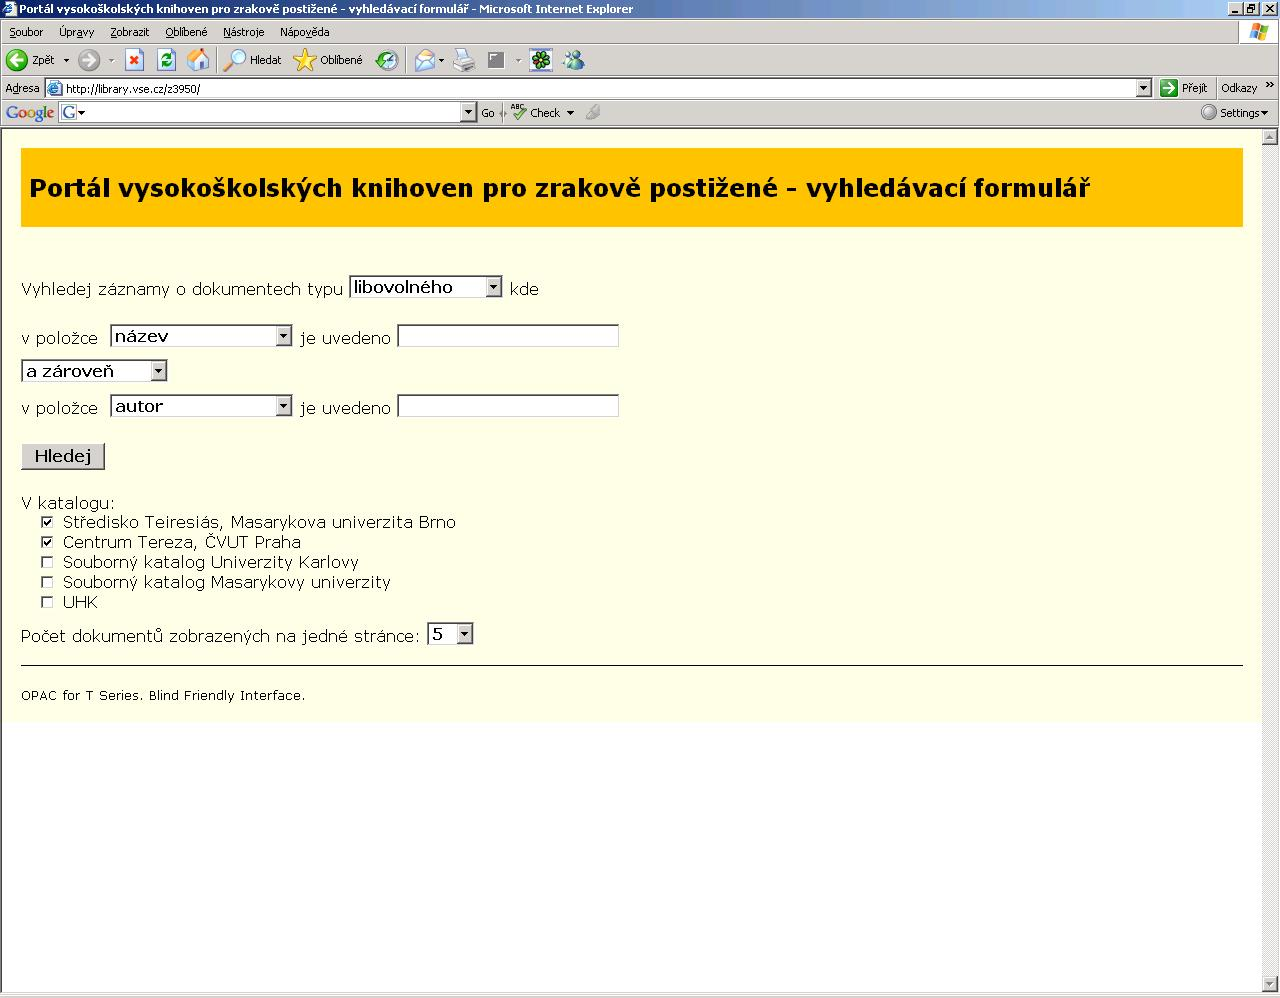 Obr. 2 Vyhledávací formulář